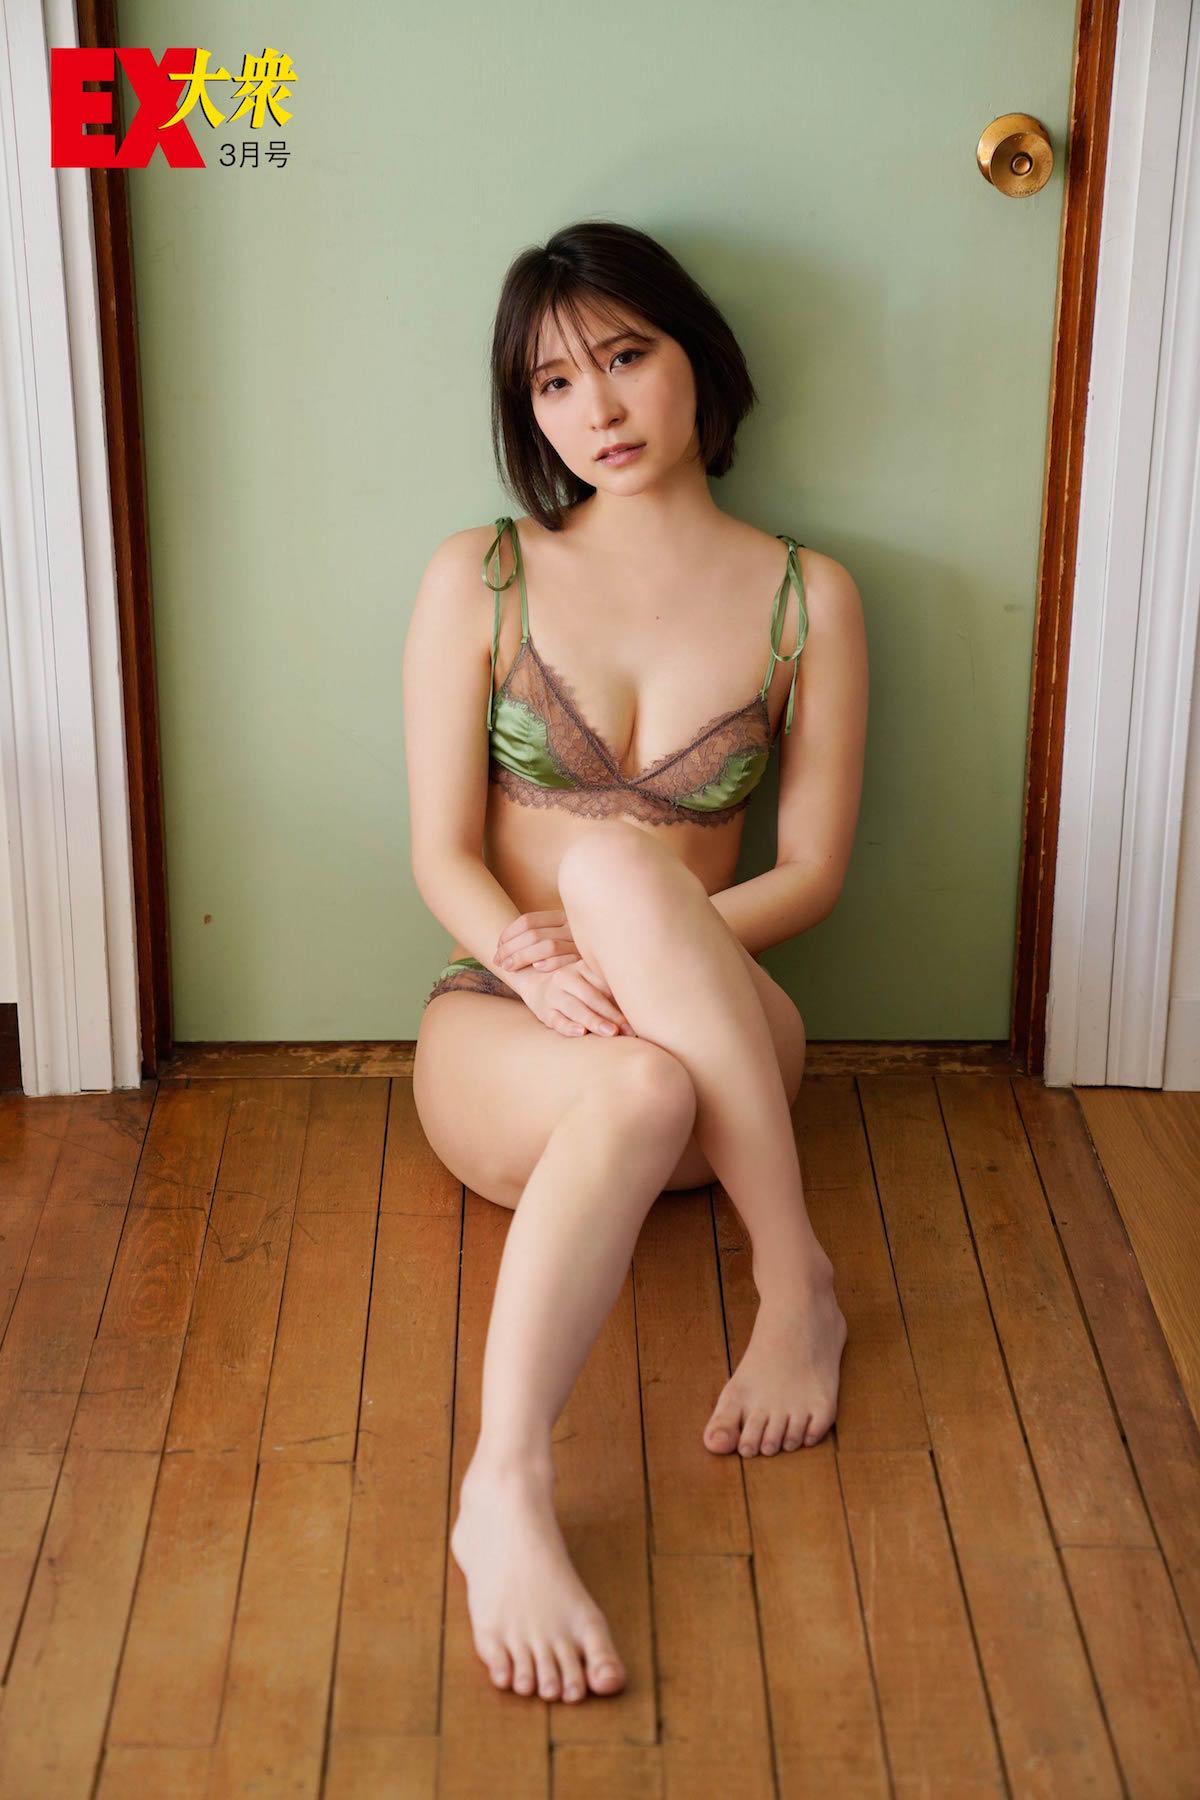 あまつまりな「実在した2.5次元美女」がデジタル写真集を発売!【画像9枚】の画像001